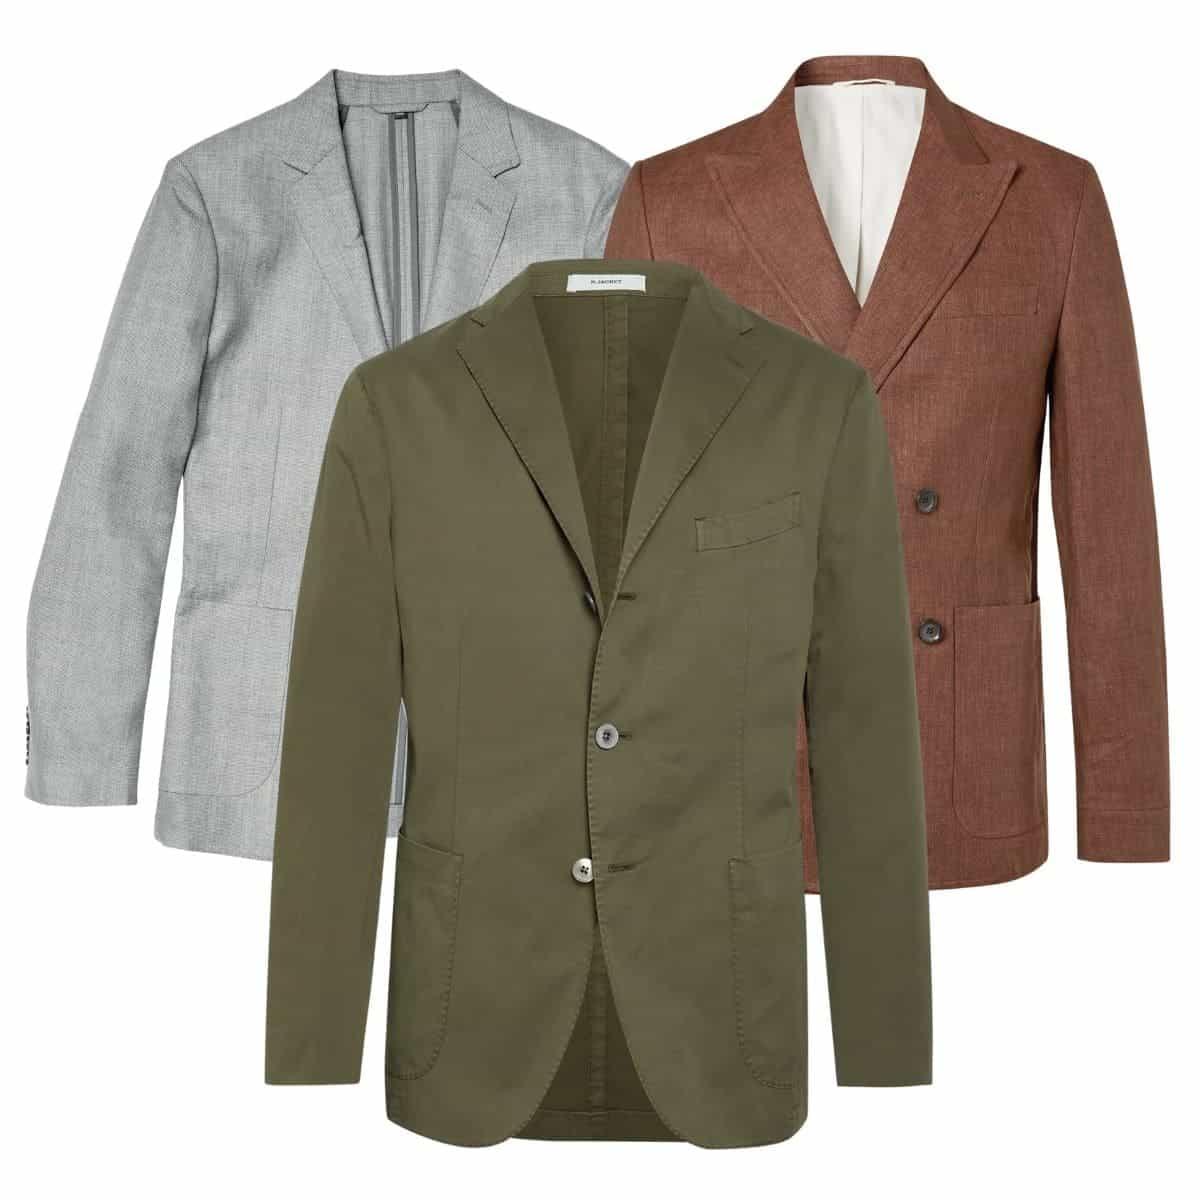 Three unstructured blazers.